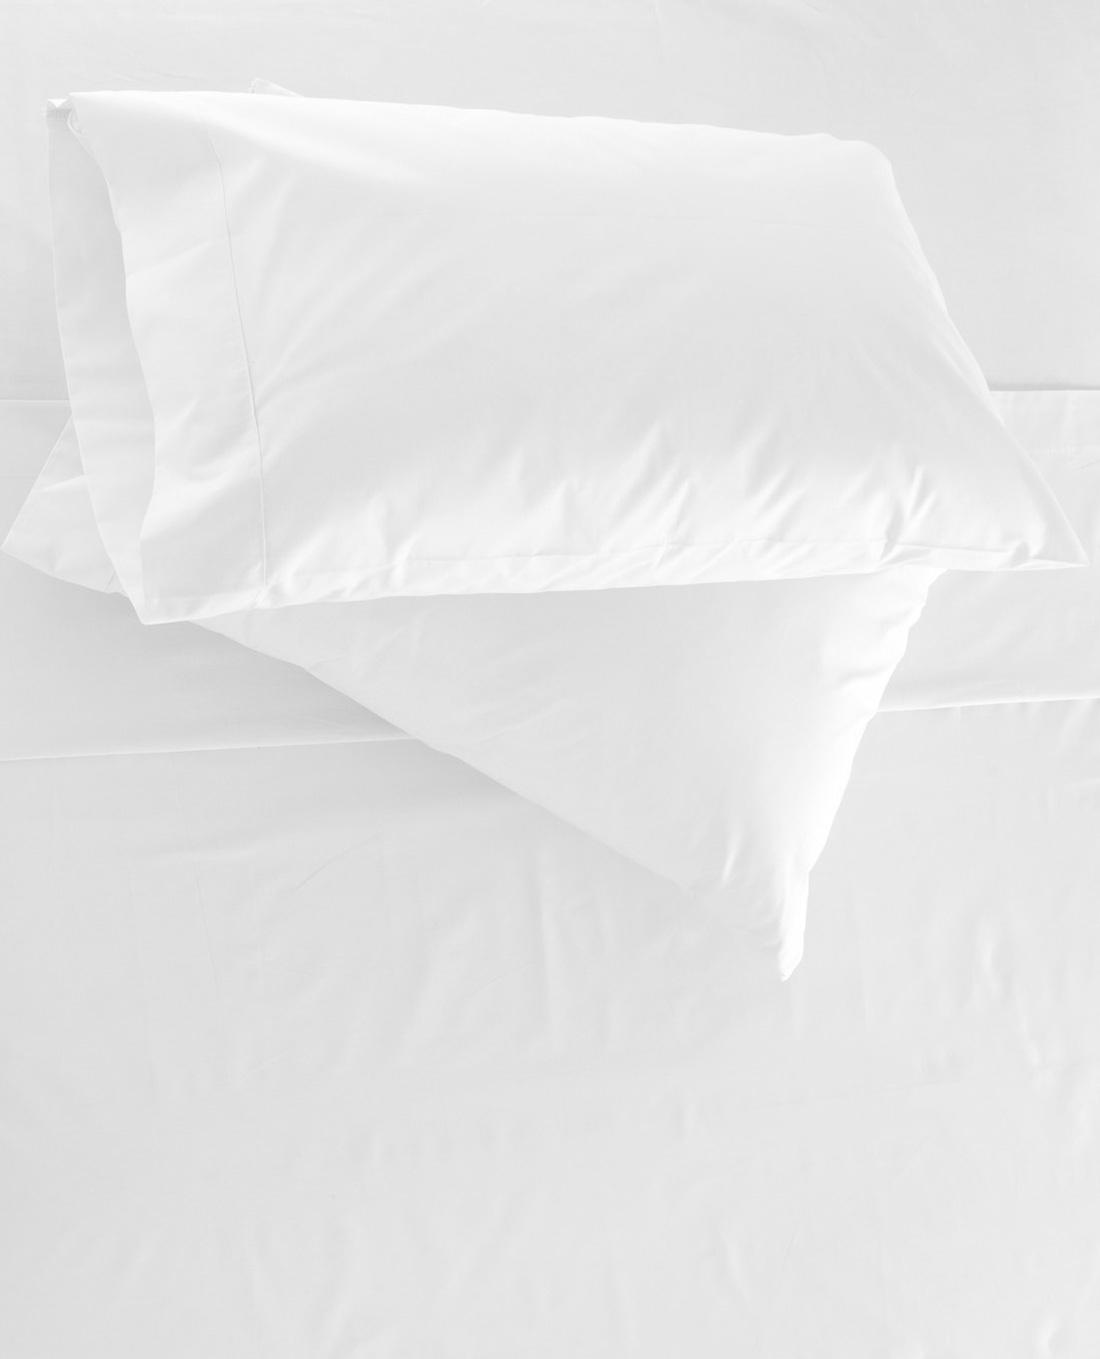 Vlekken op je matras? Zo kan je ze verwijderen